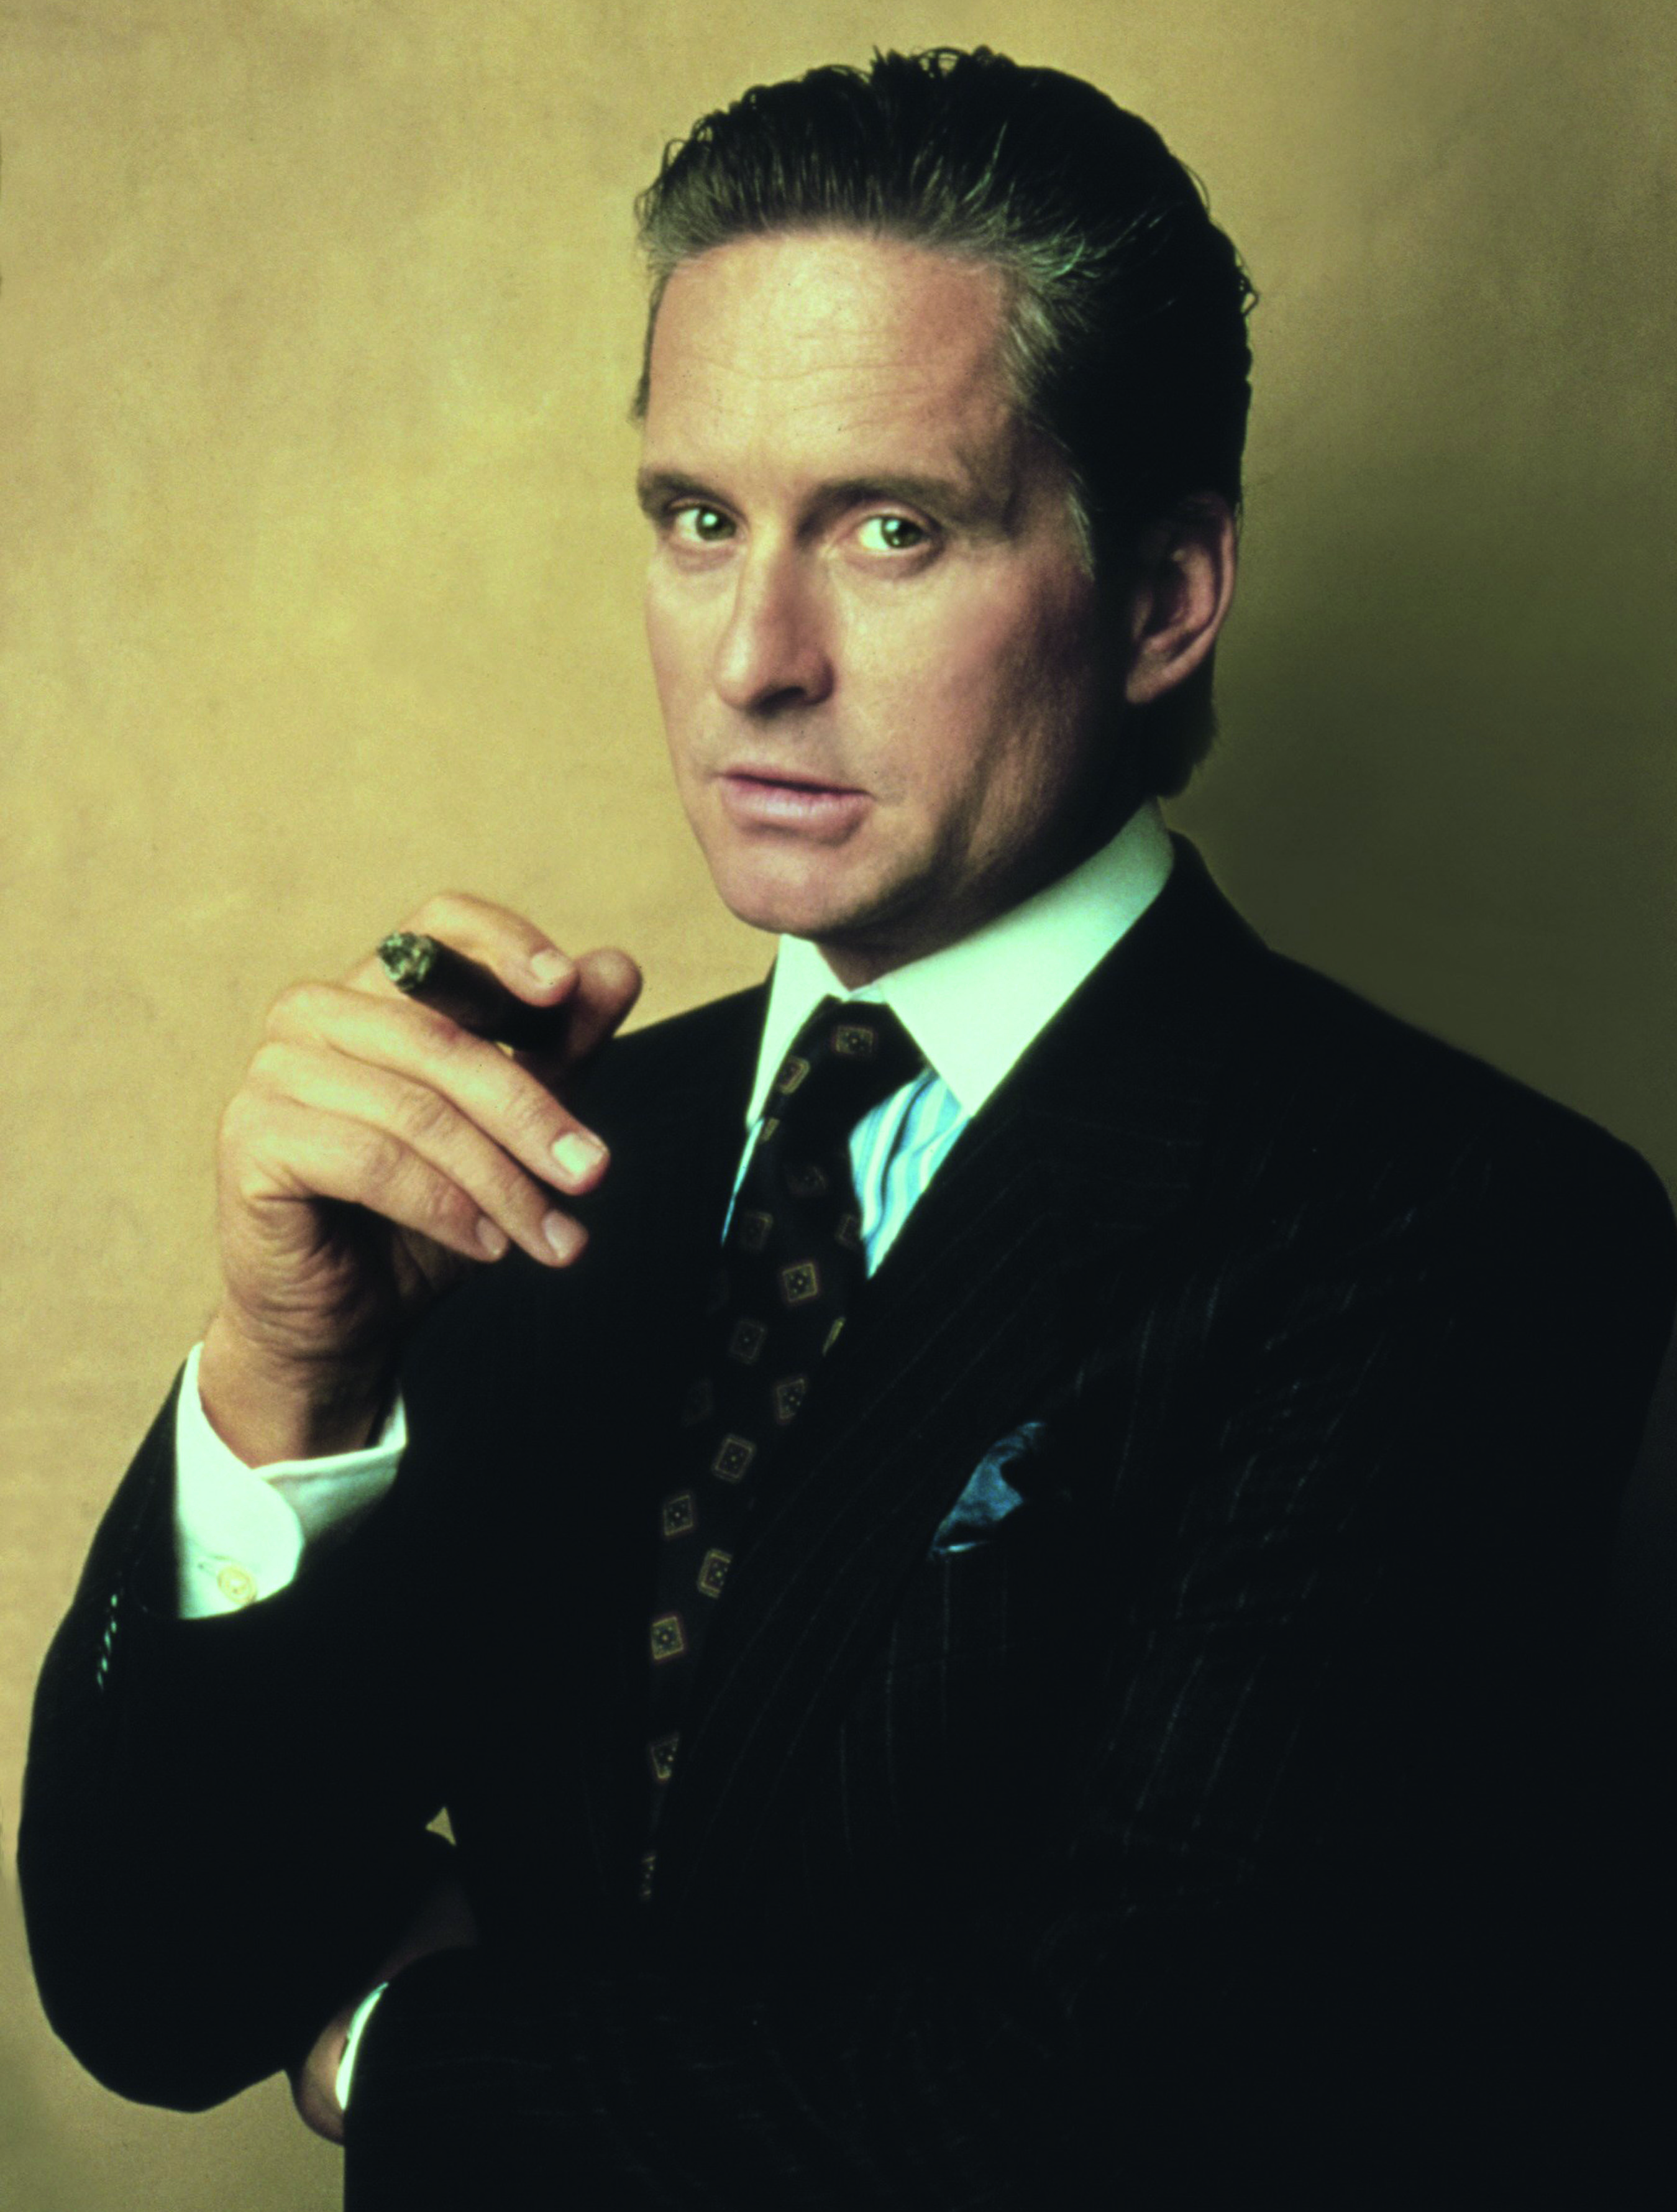 """Mit Hosenträgern und Gelfrisur wurde Gordon Gekko alias Michael Douglas zur Ikone aller skrupellosen Investmentbanker. Im aktuellen Kinofilm """"Liberace"""" könnte sein Charakter als glamouröse Stilikone kaum konträrer sein. © Cinetext"""